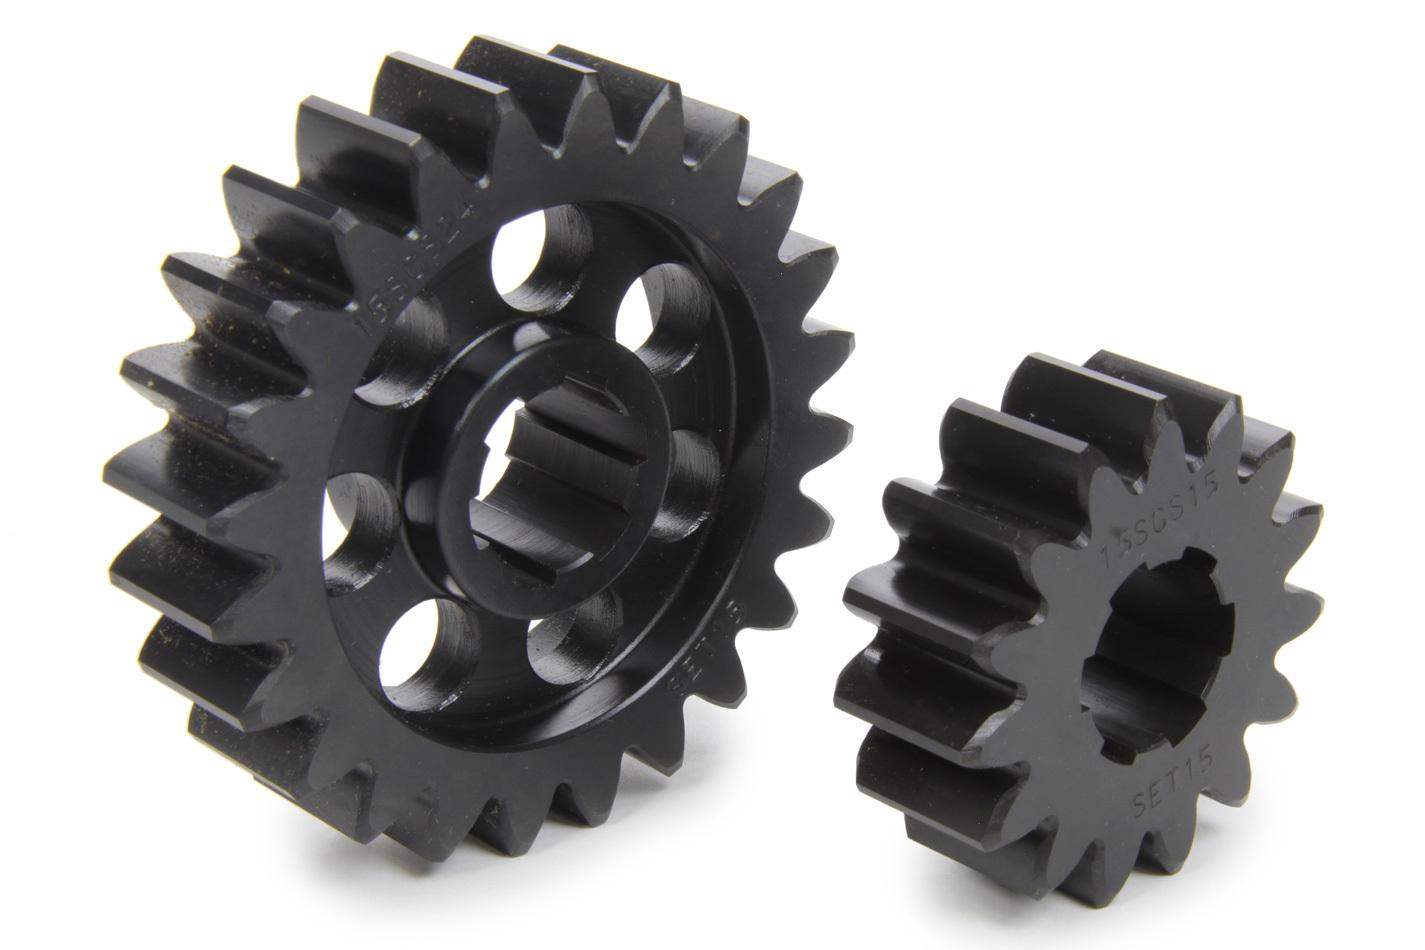 SCS Gears 615 Quick Change Gear Set, Professional, Set 615, 6 Spline, 4.11 Ratio 2.57 / 6.58, 4.33 Ratio 2.71 / 6.93, Steel, Each